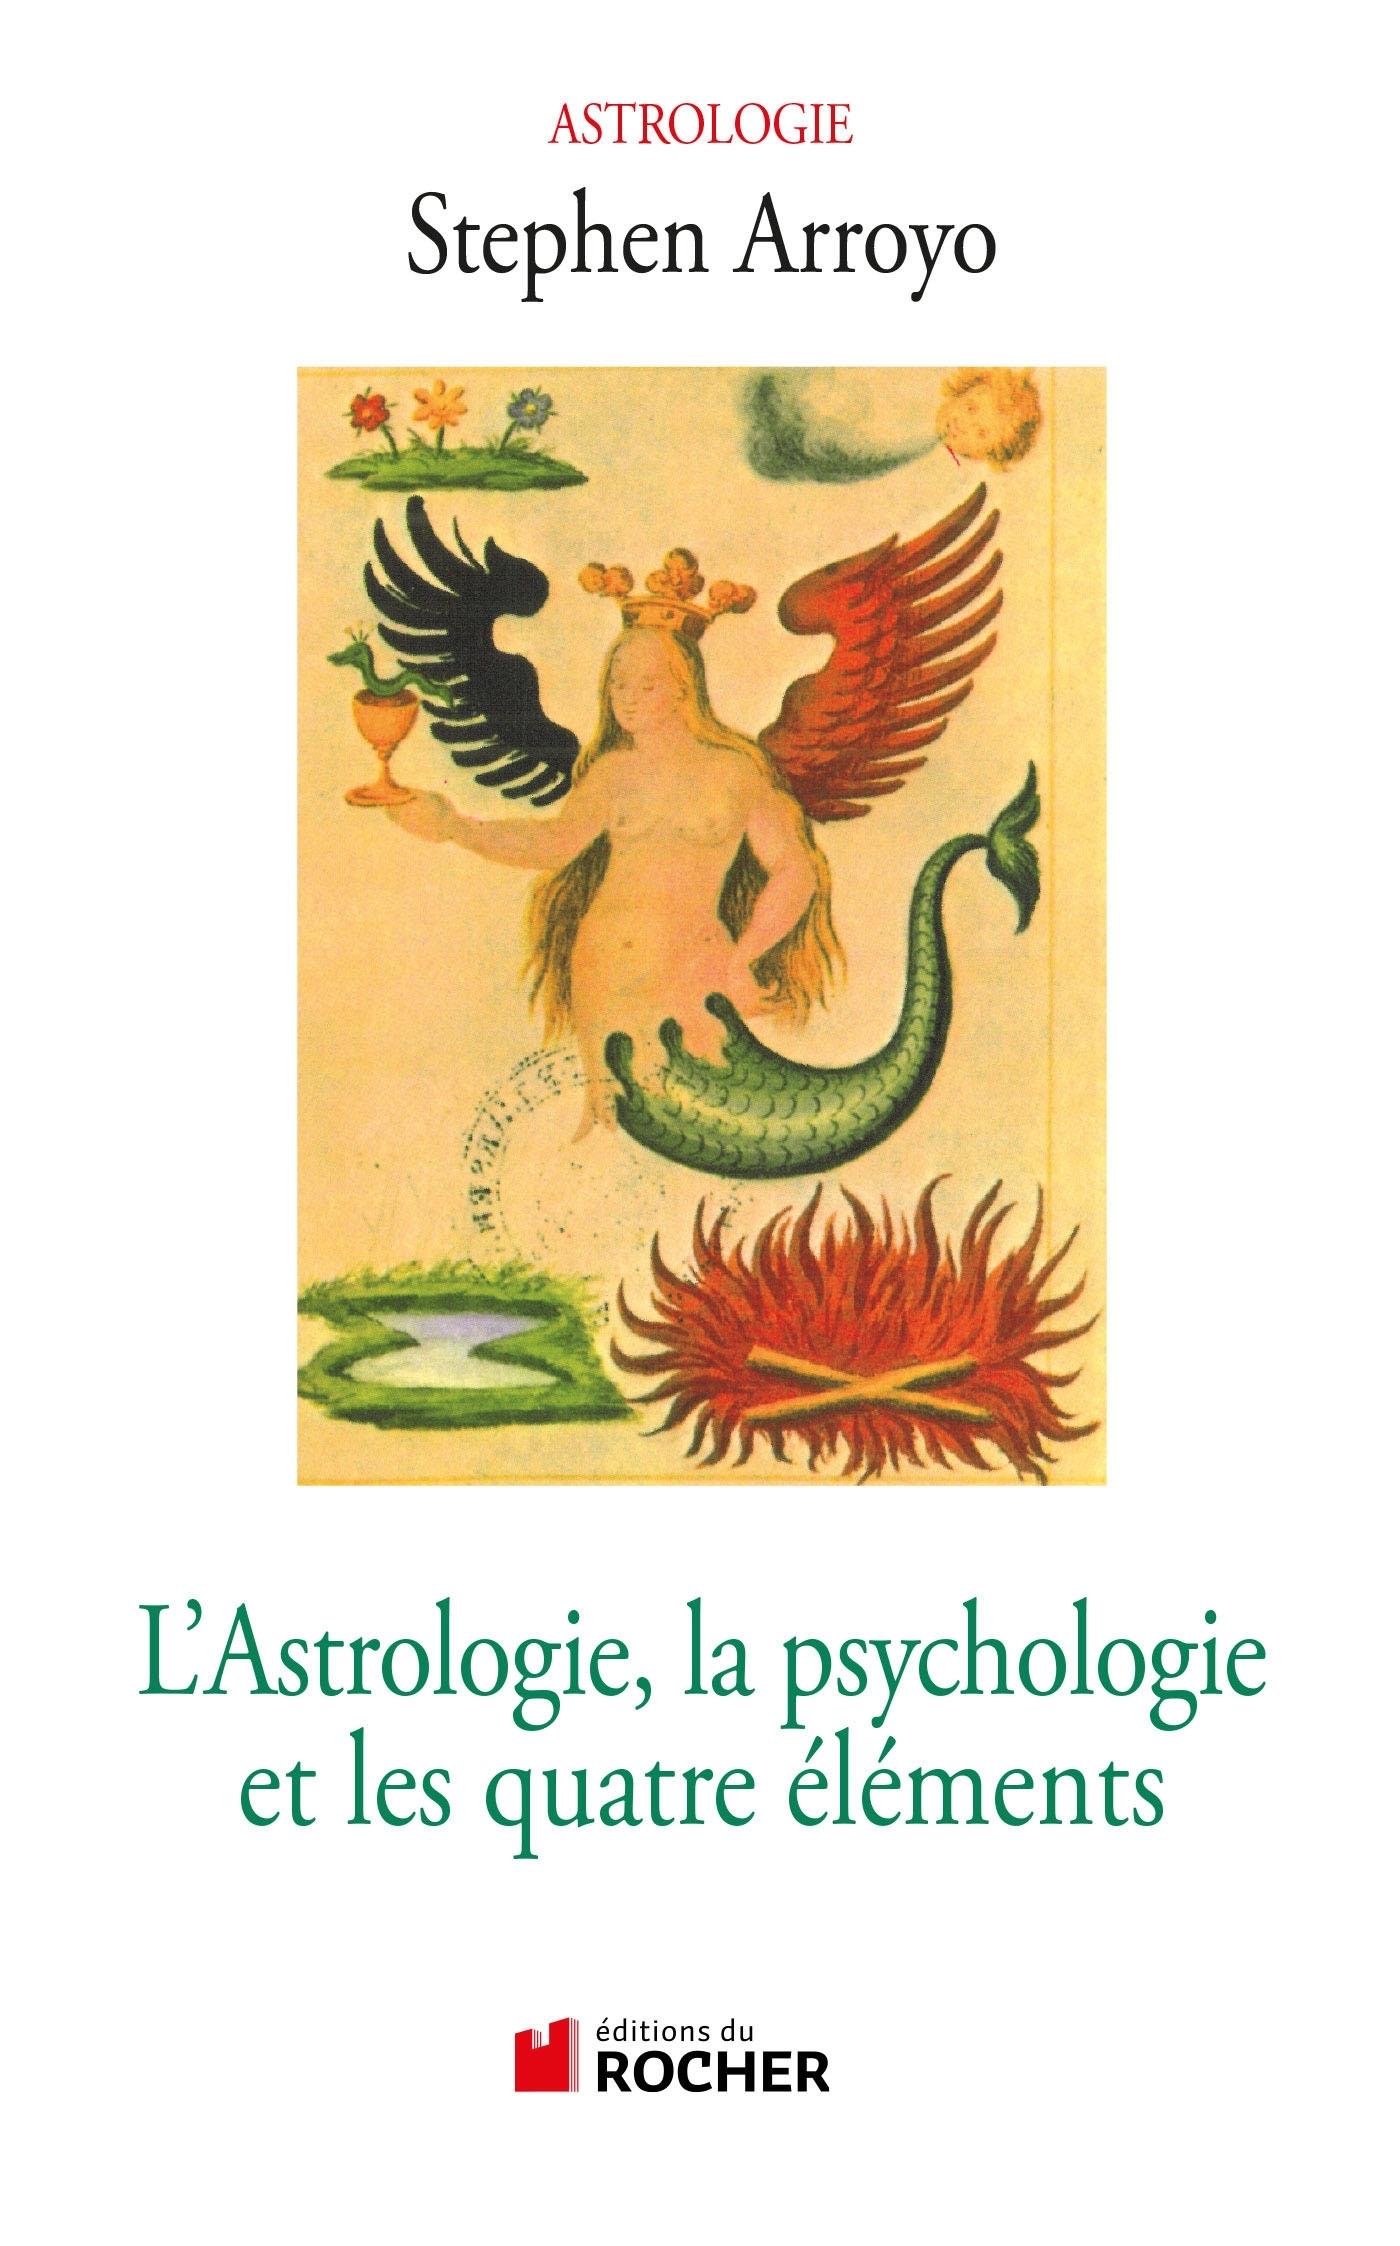 L'ASTROLOGIE, LA PSYCHOLOGIE ET LES QUATRE ELEMENTS